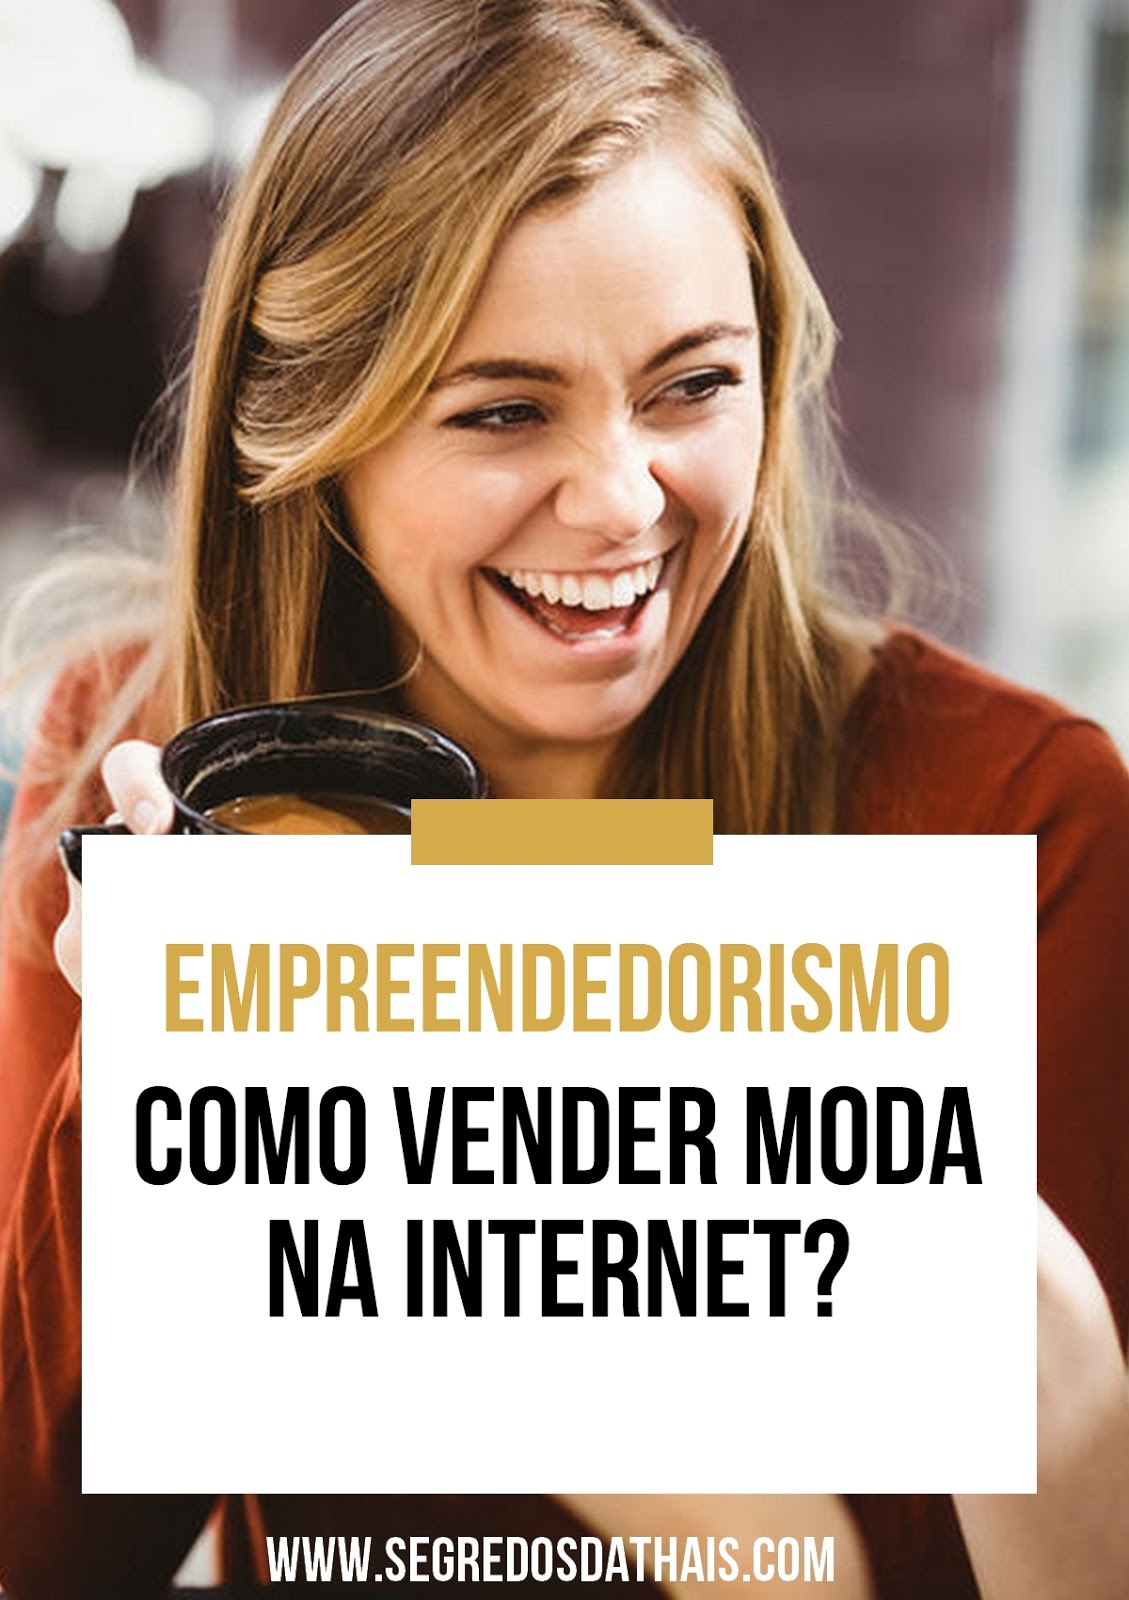 Empreendedorismo | Como vender Moda na Internet?